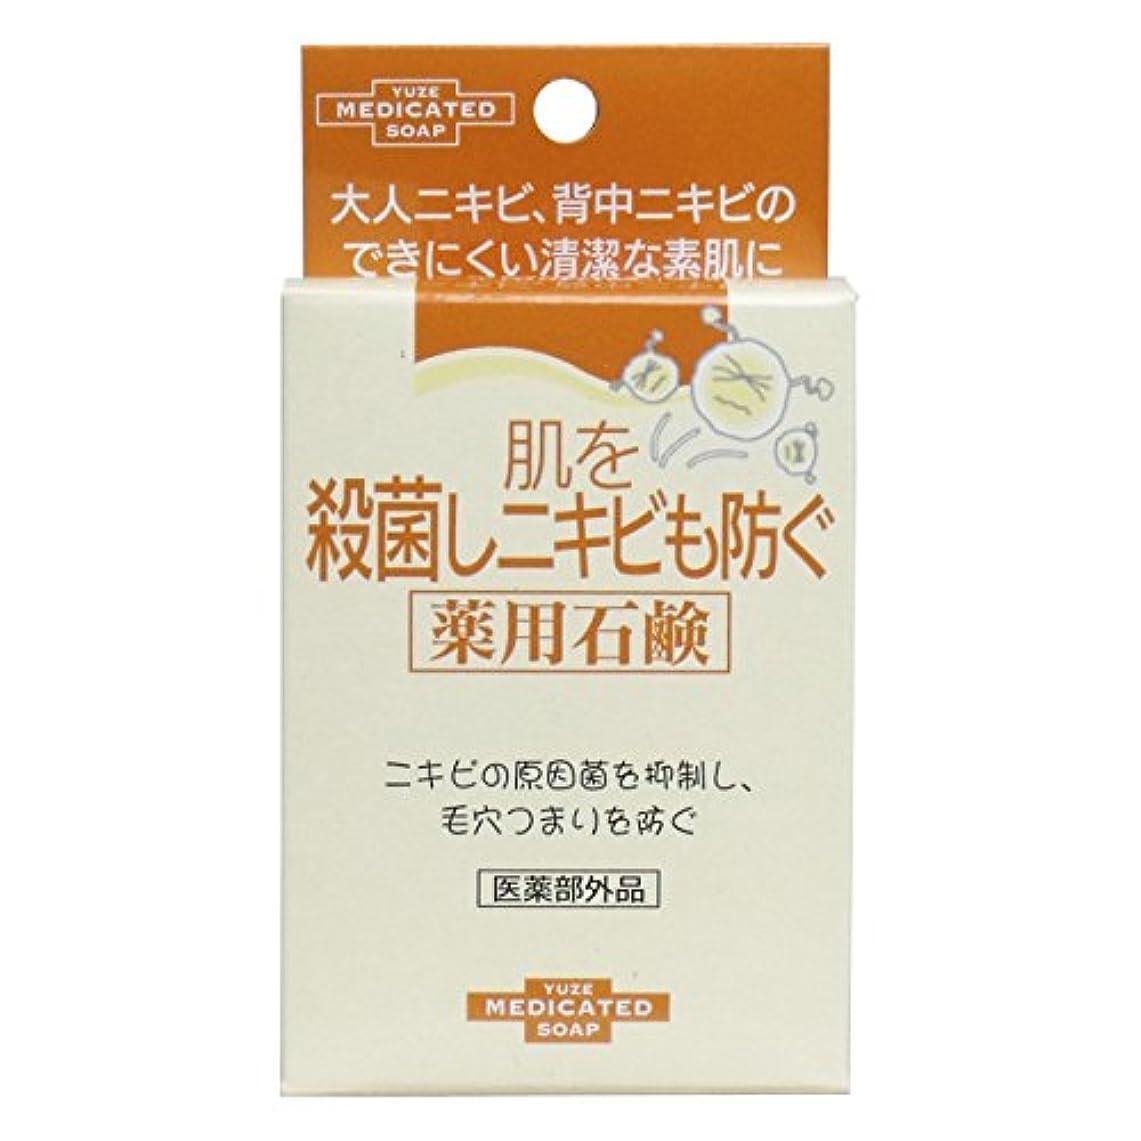 俳句に向けて出発うがいユゼ 肌を殺菌しニキビも防ぐ薬用石鹸 (110g)